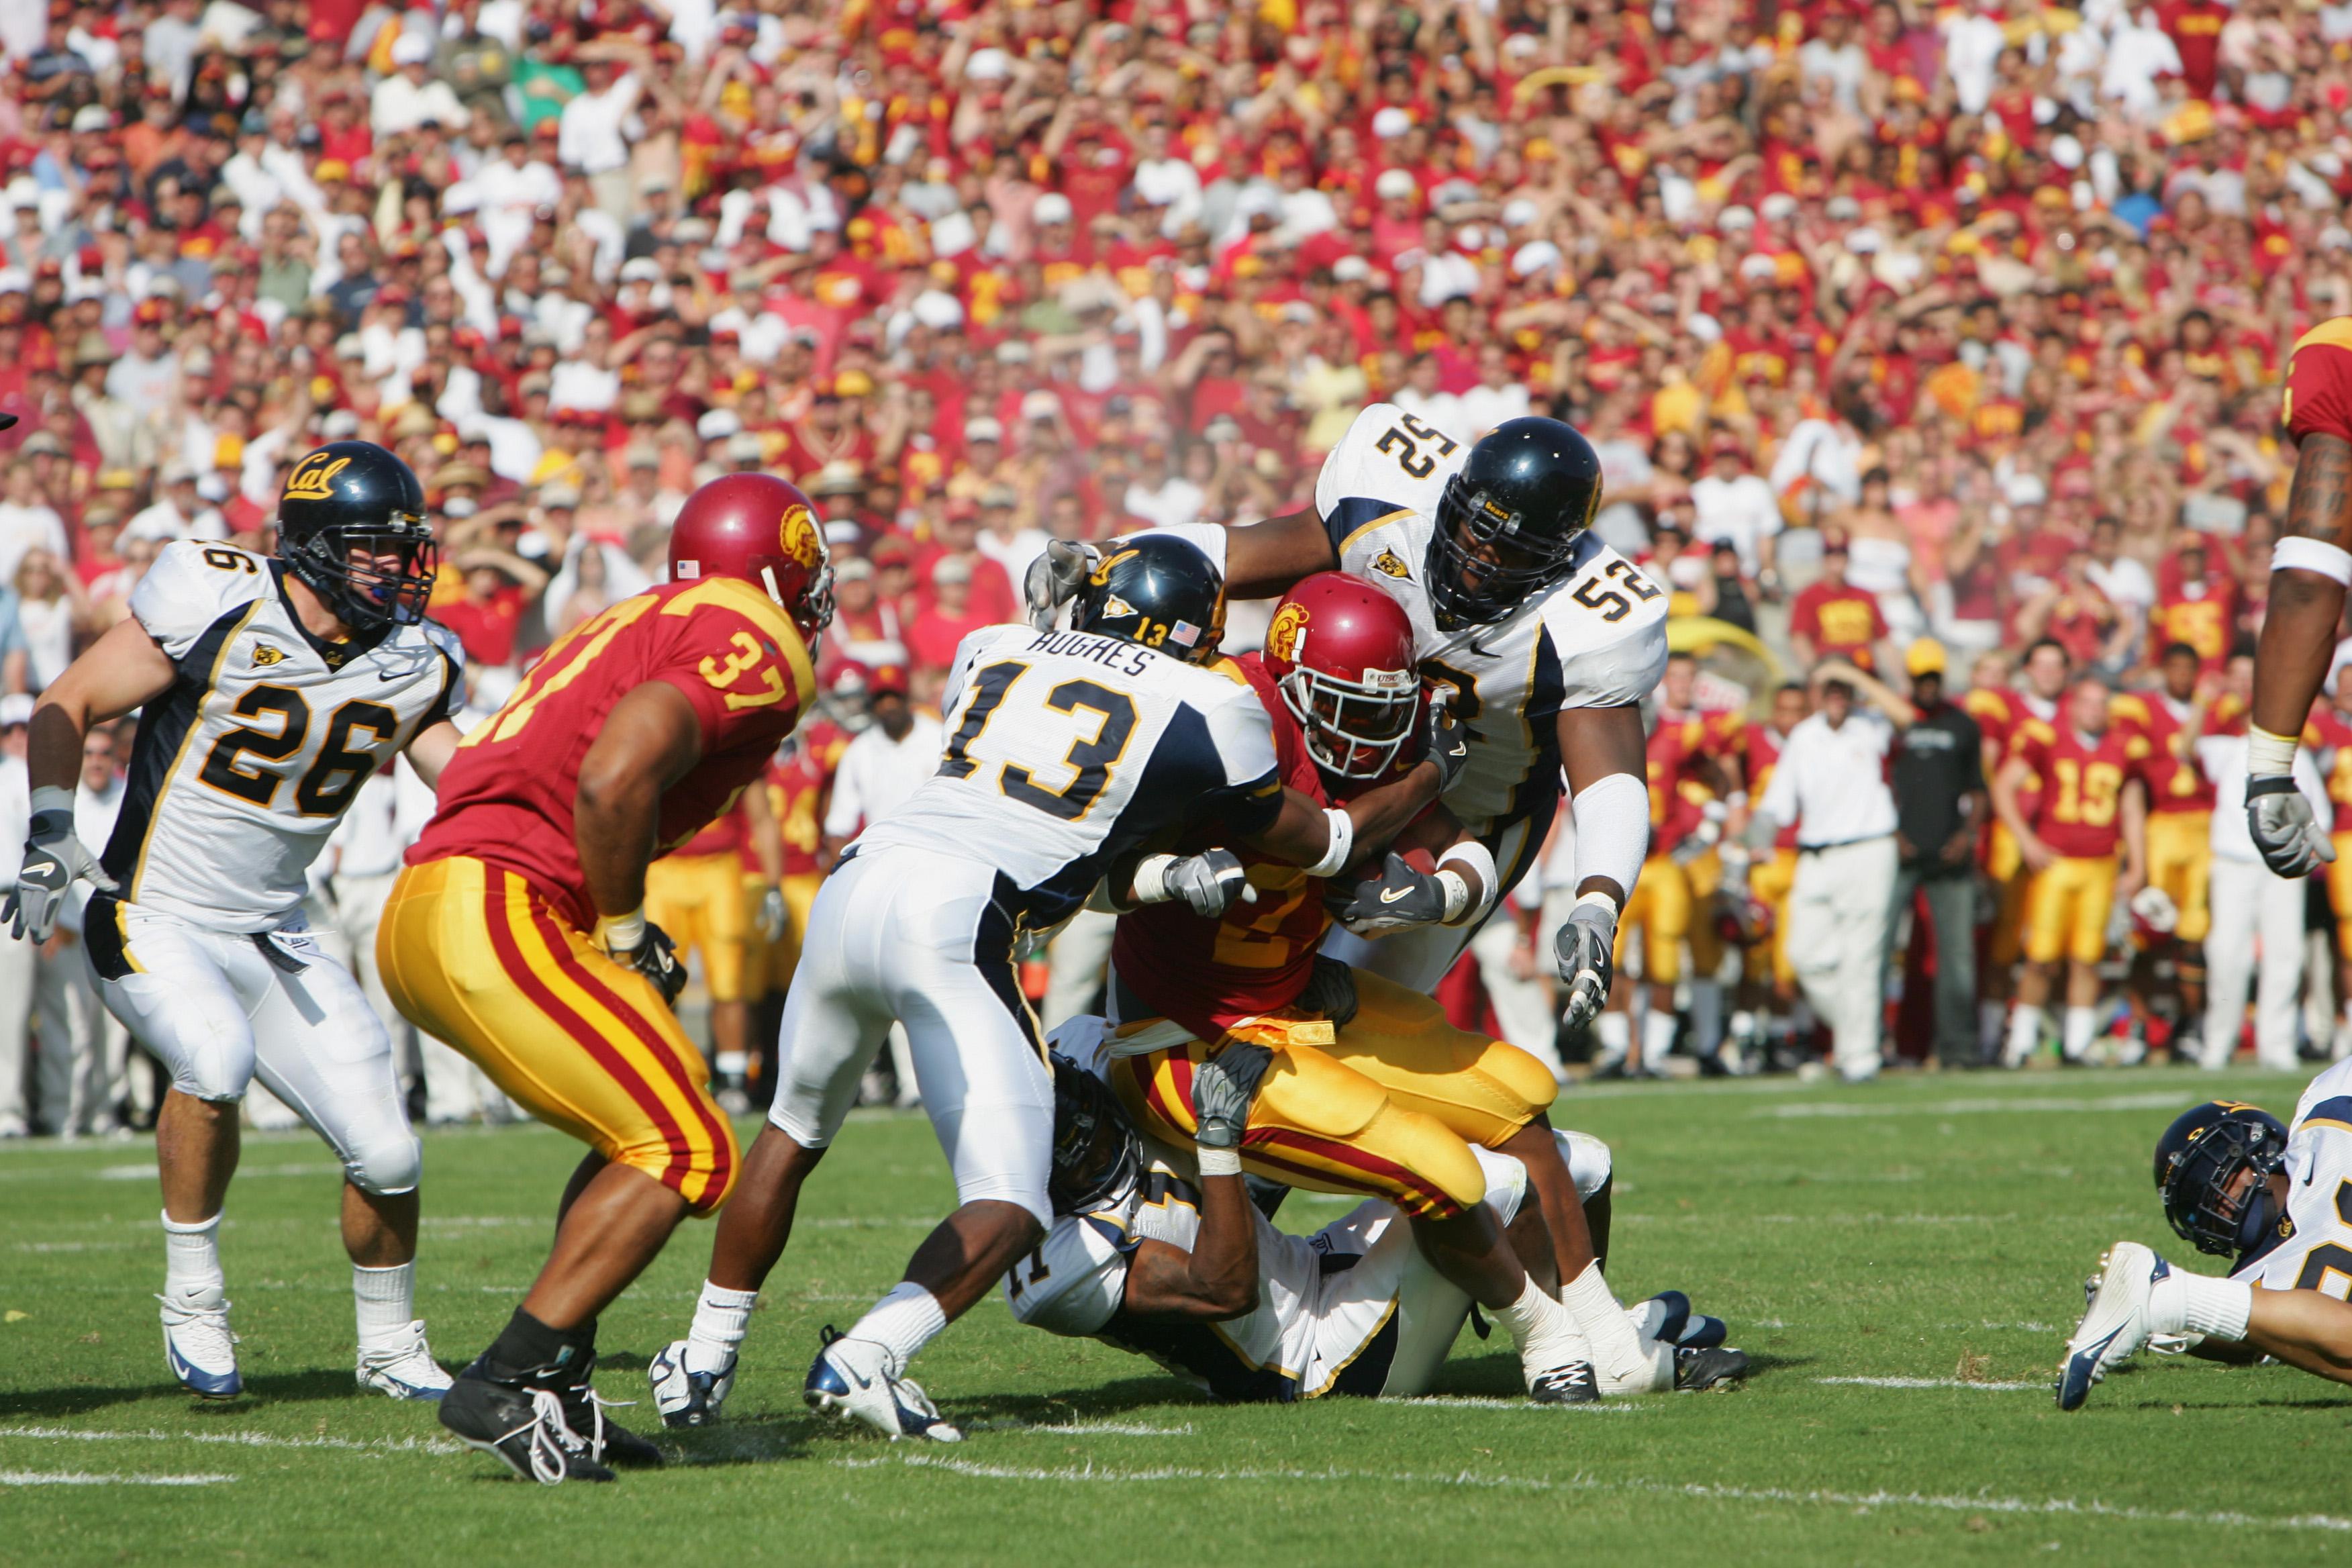 California Golden Bears v USC Trojans